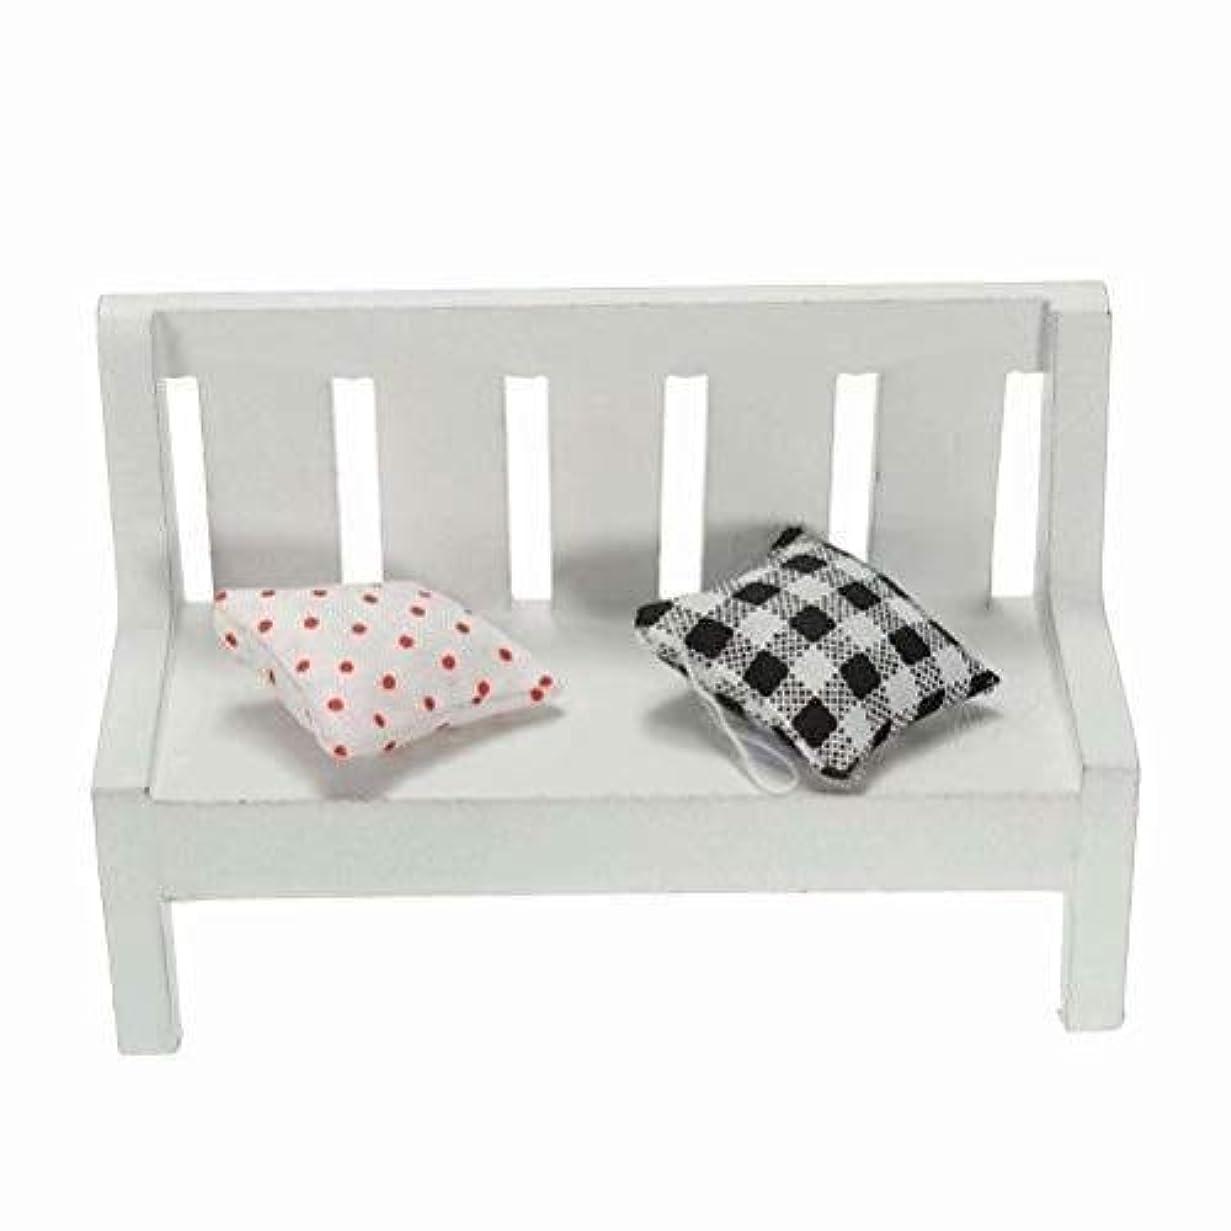 トロリー近代化するいたずらZheJia ミニチュア 風景装飾プラント 10,5x5x7cm White ドールハウス Homedecor HomeGardenDecor DIYCraft WoodenChair Bench Style.B